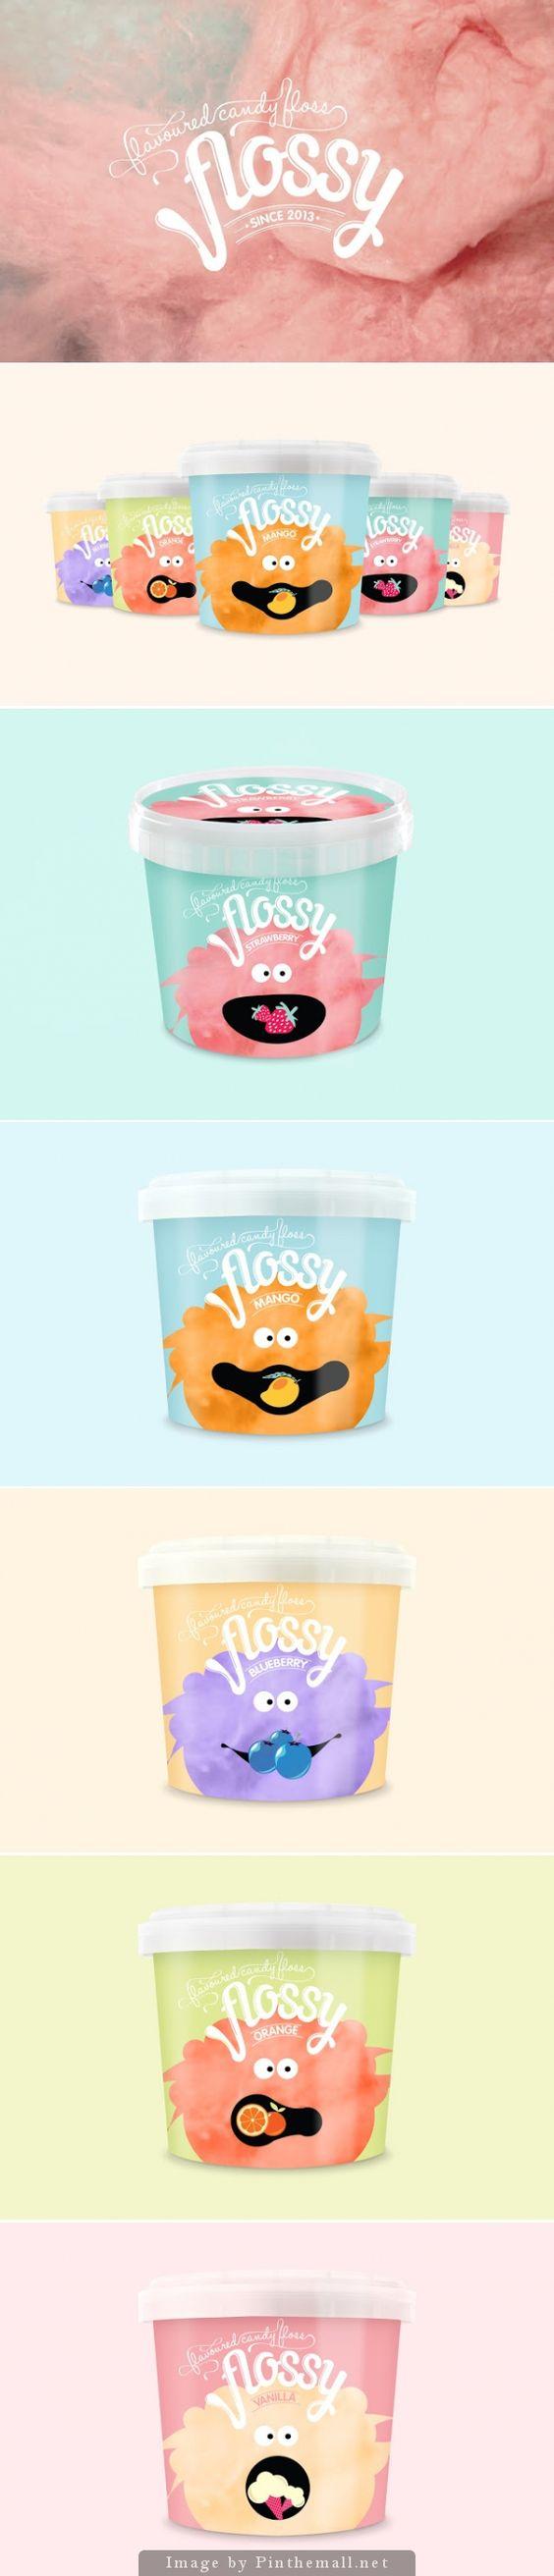 30 deliciosos ejemplos de packaging de golosinas que podrían costarle una caries